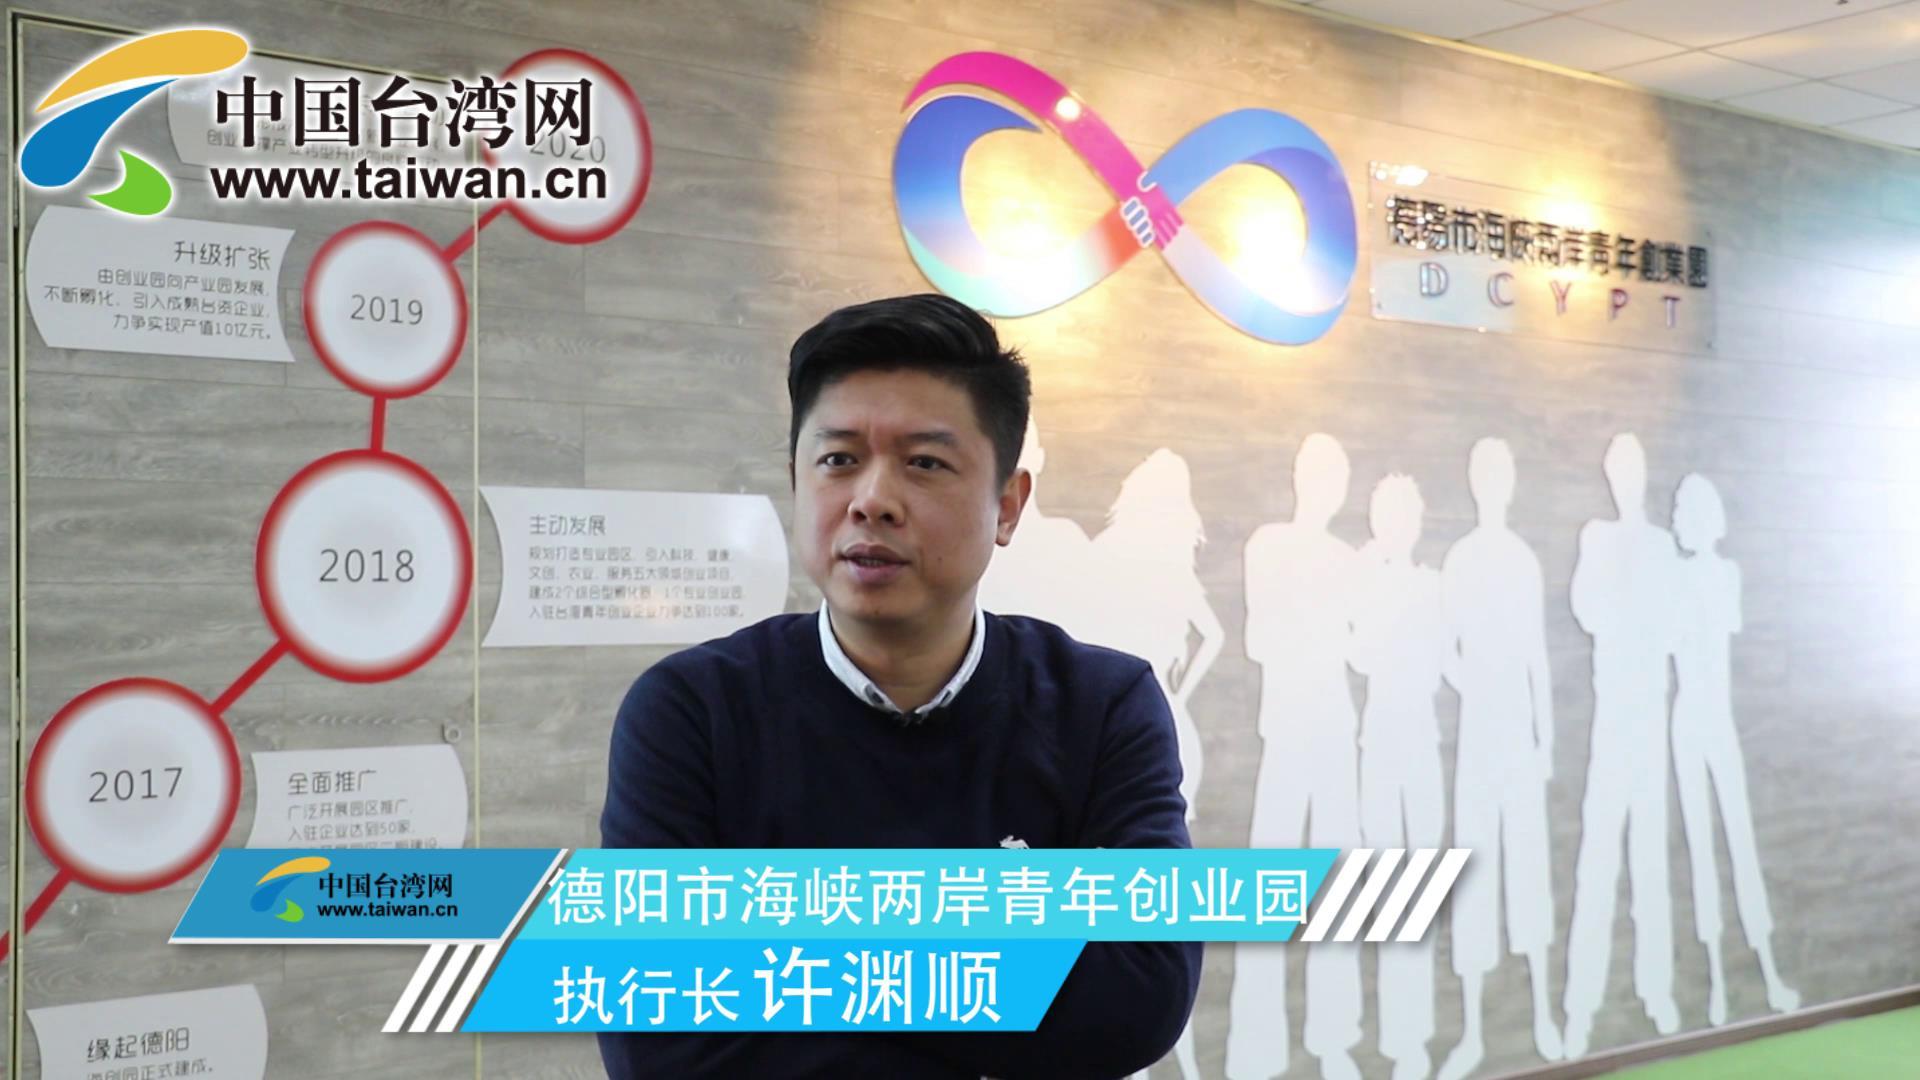 【融融觀蜀】在川臺商:為什么服務臺青創新創業?圖片